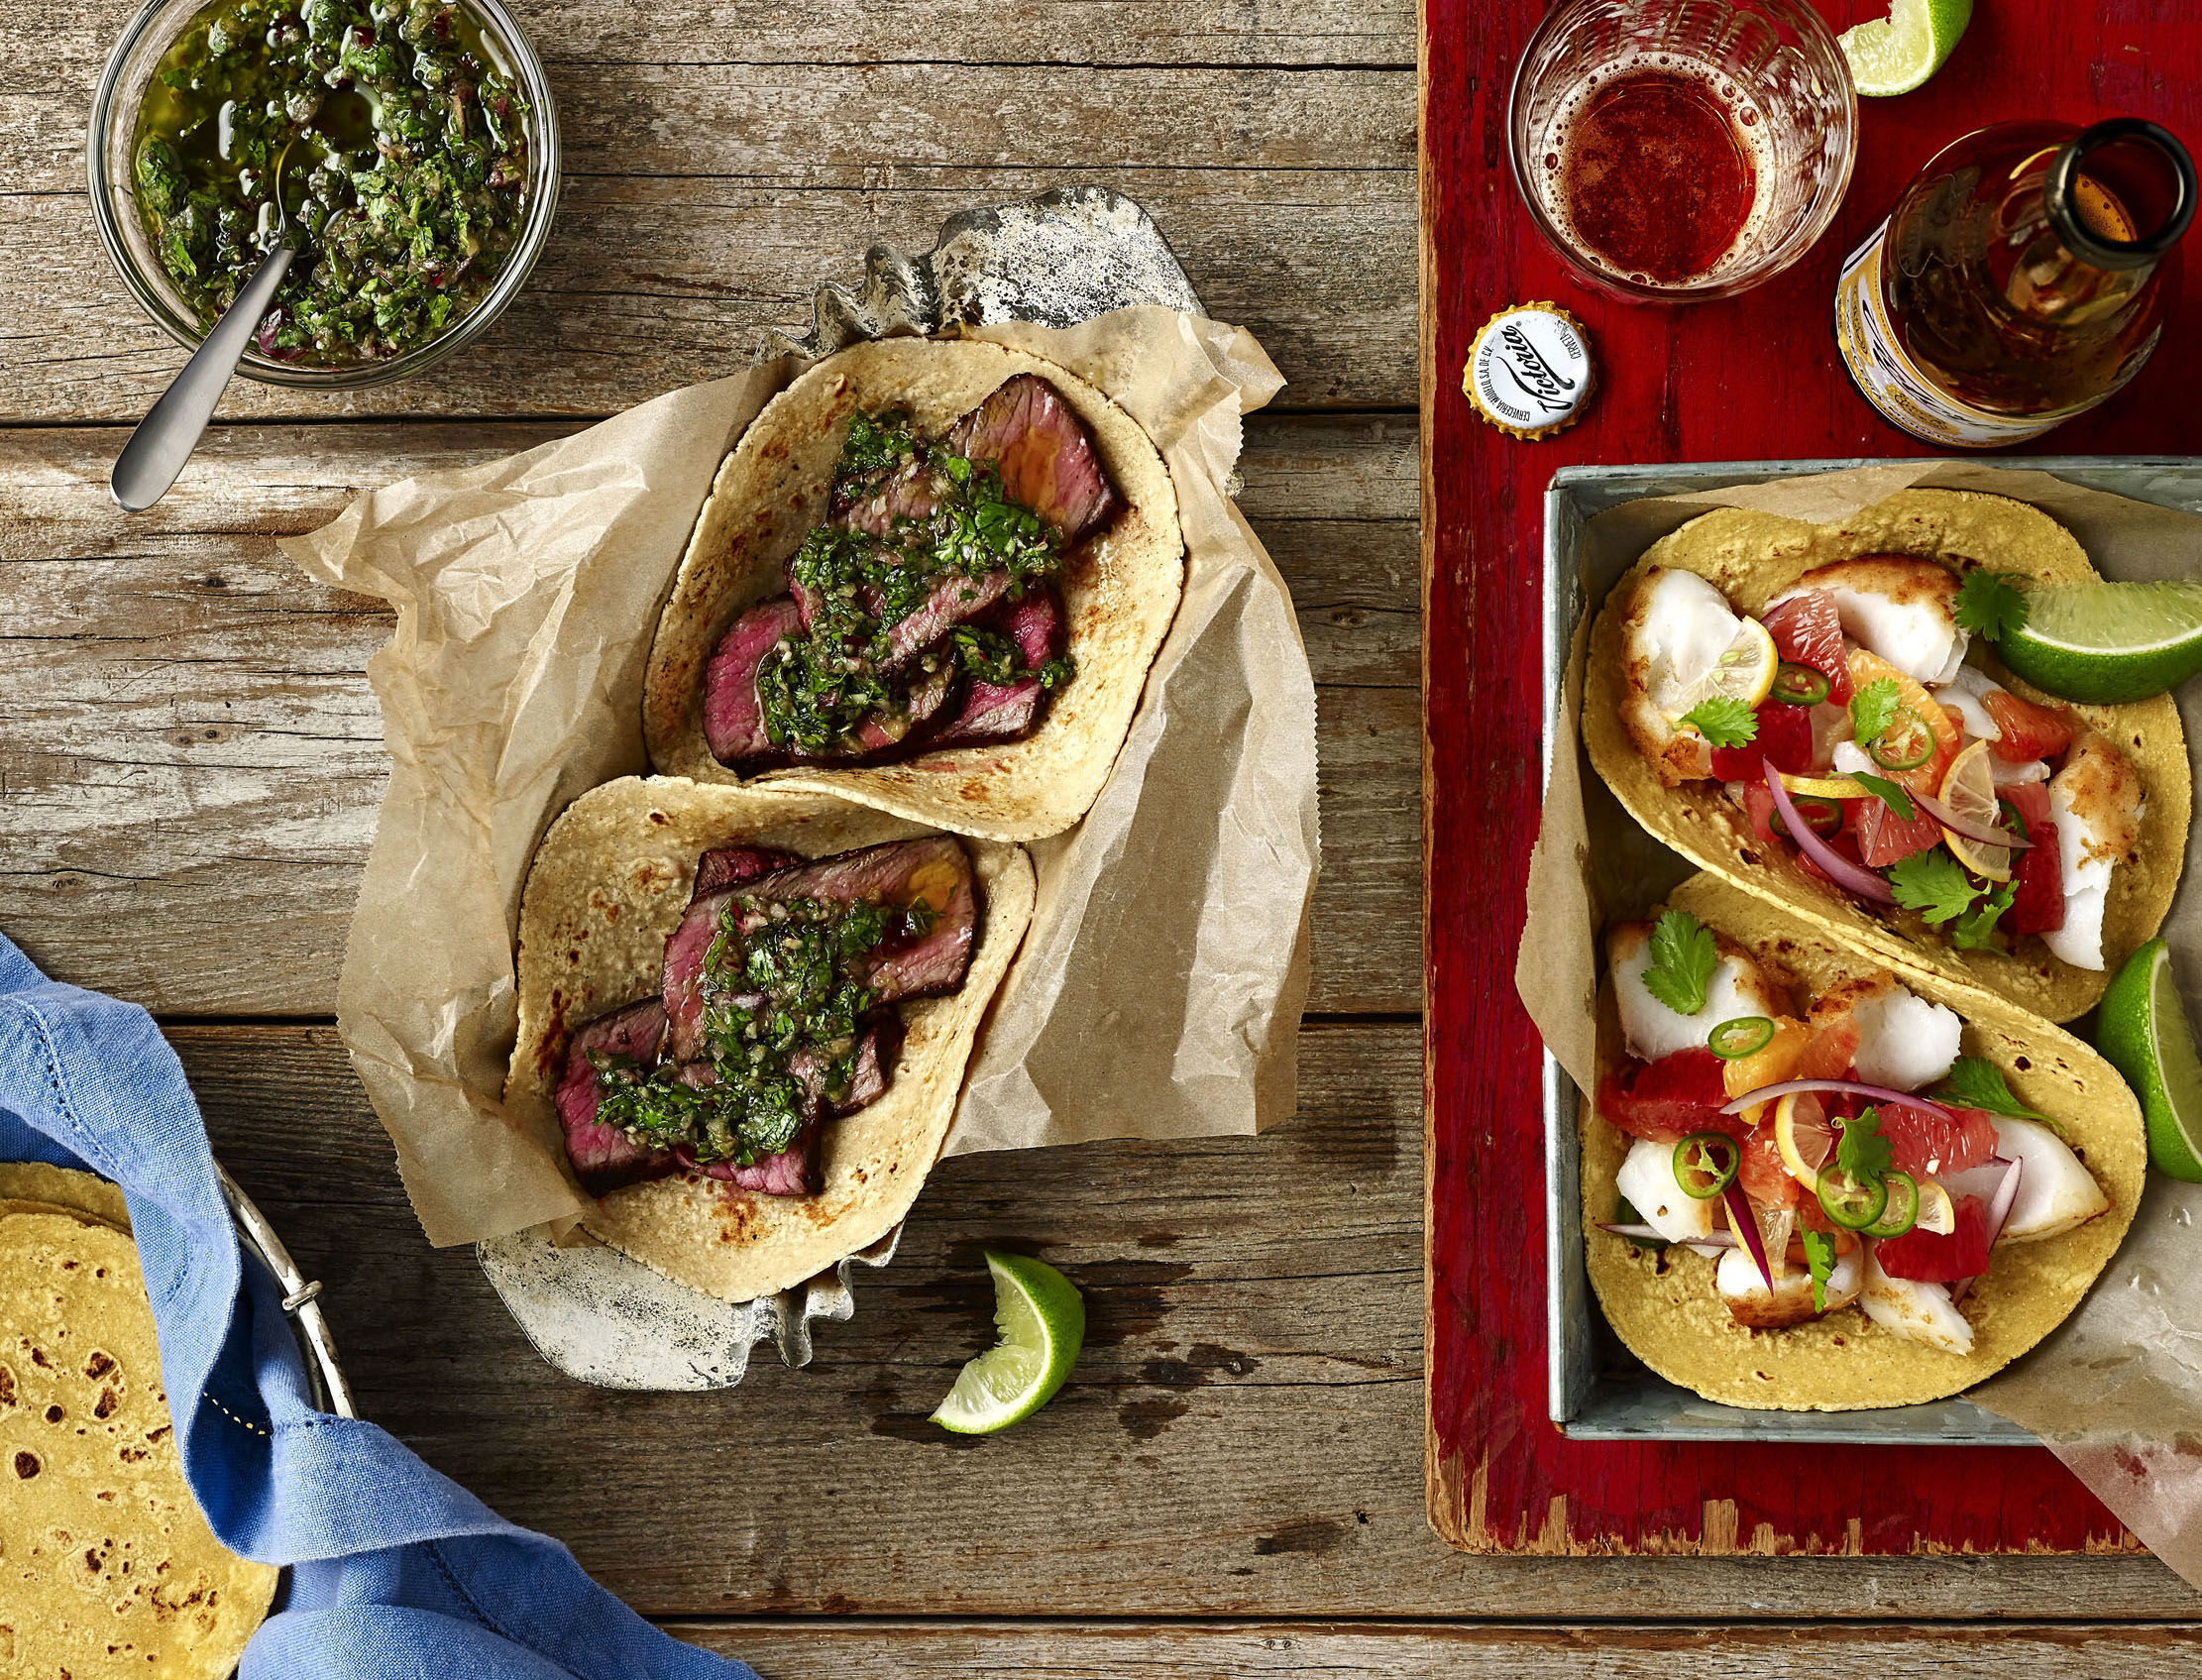 Taco_Milano Tacos.jpg